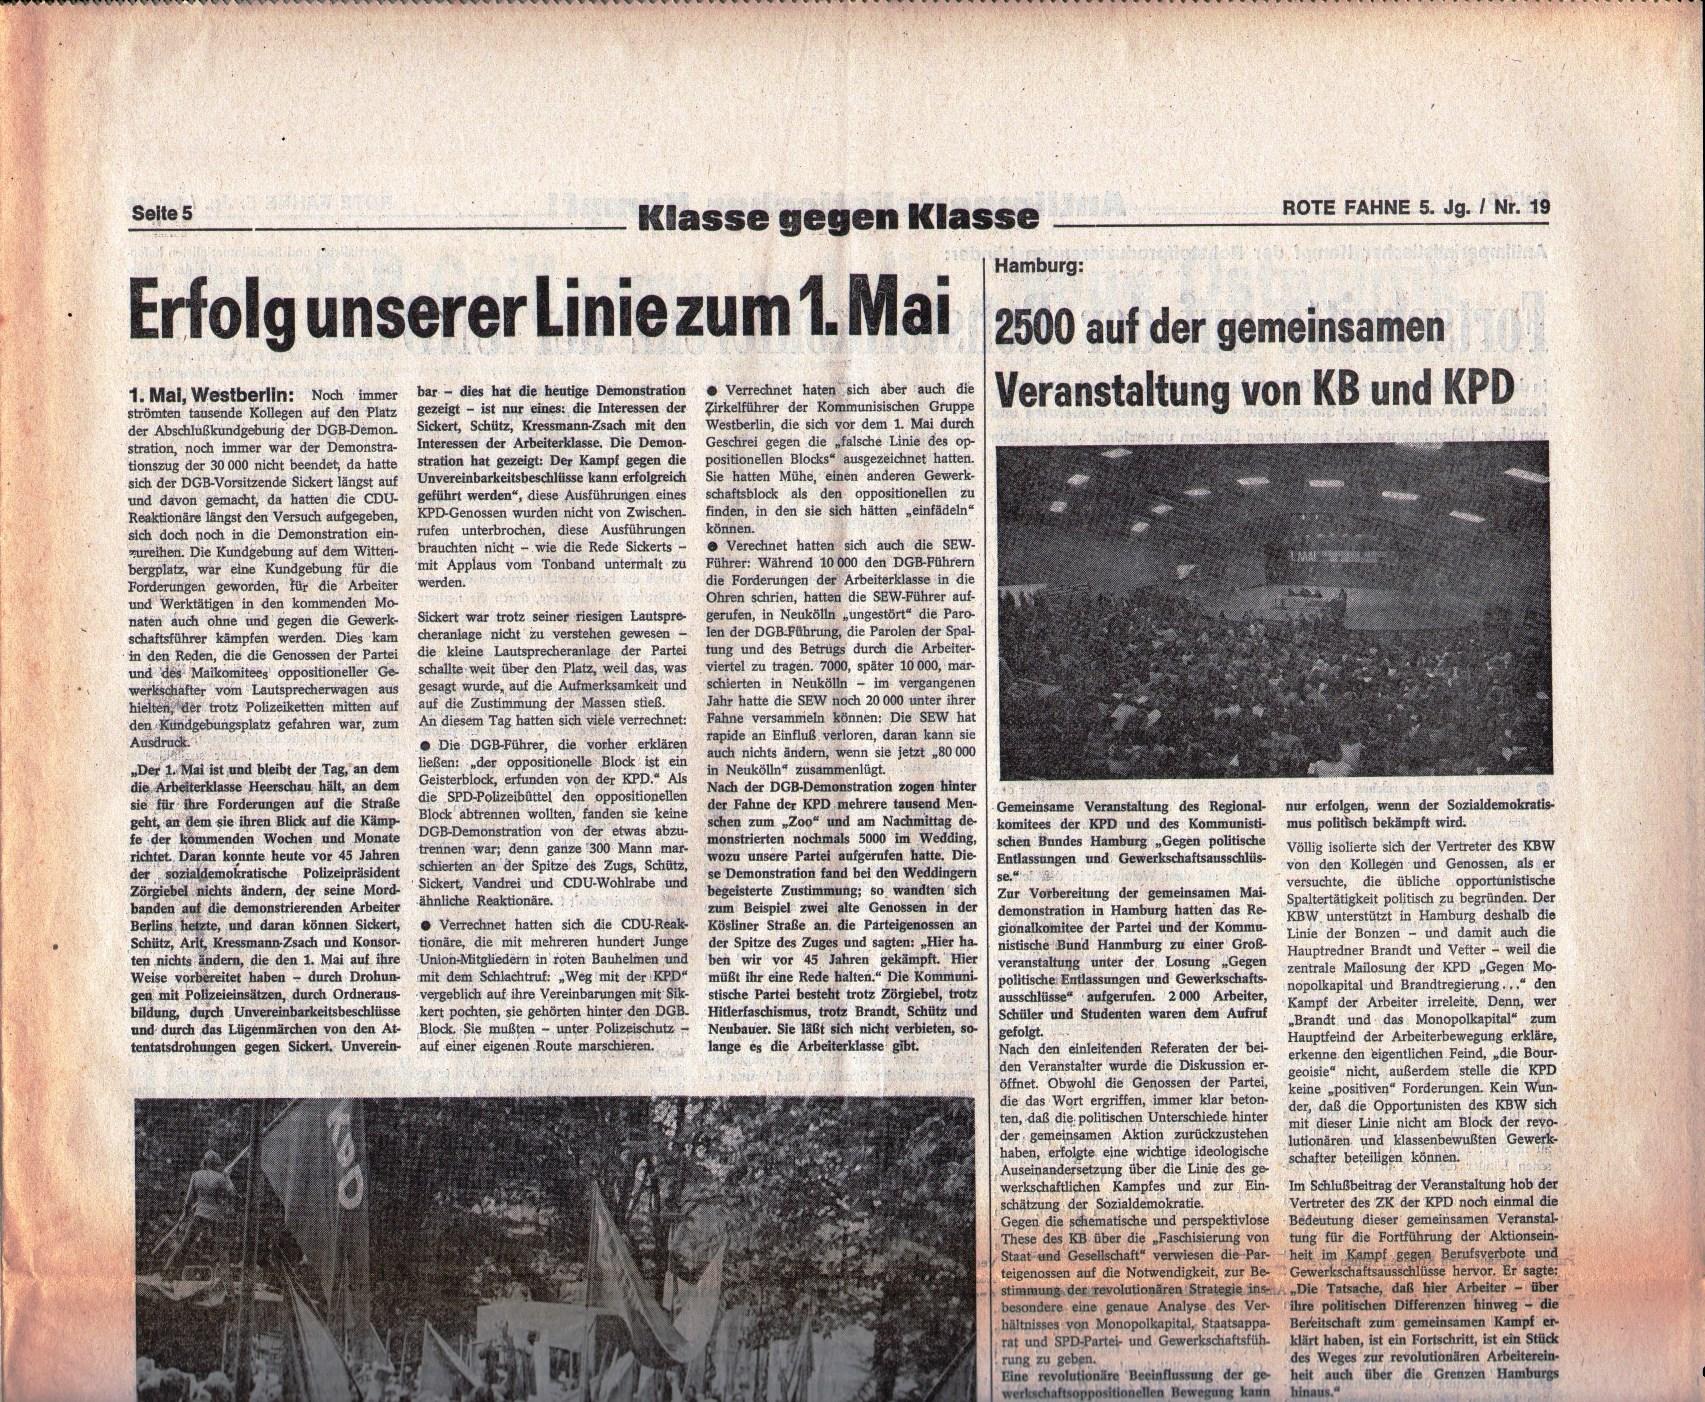 KPD_Rote_Fahne_1974_19_09